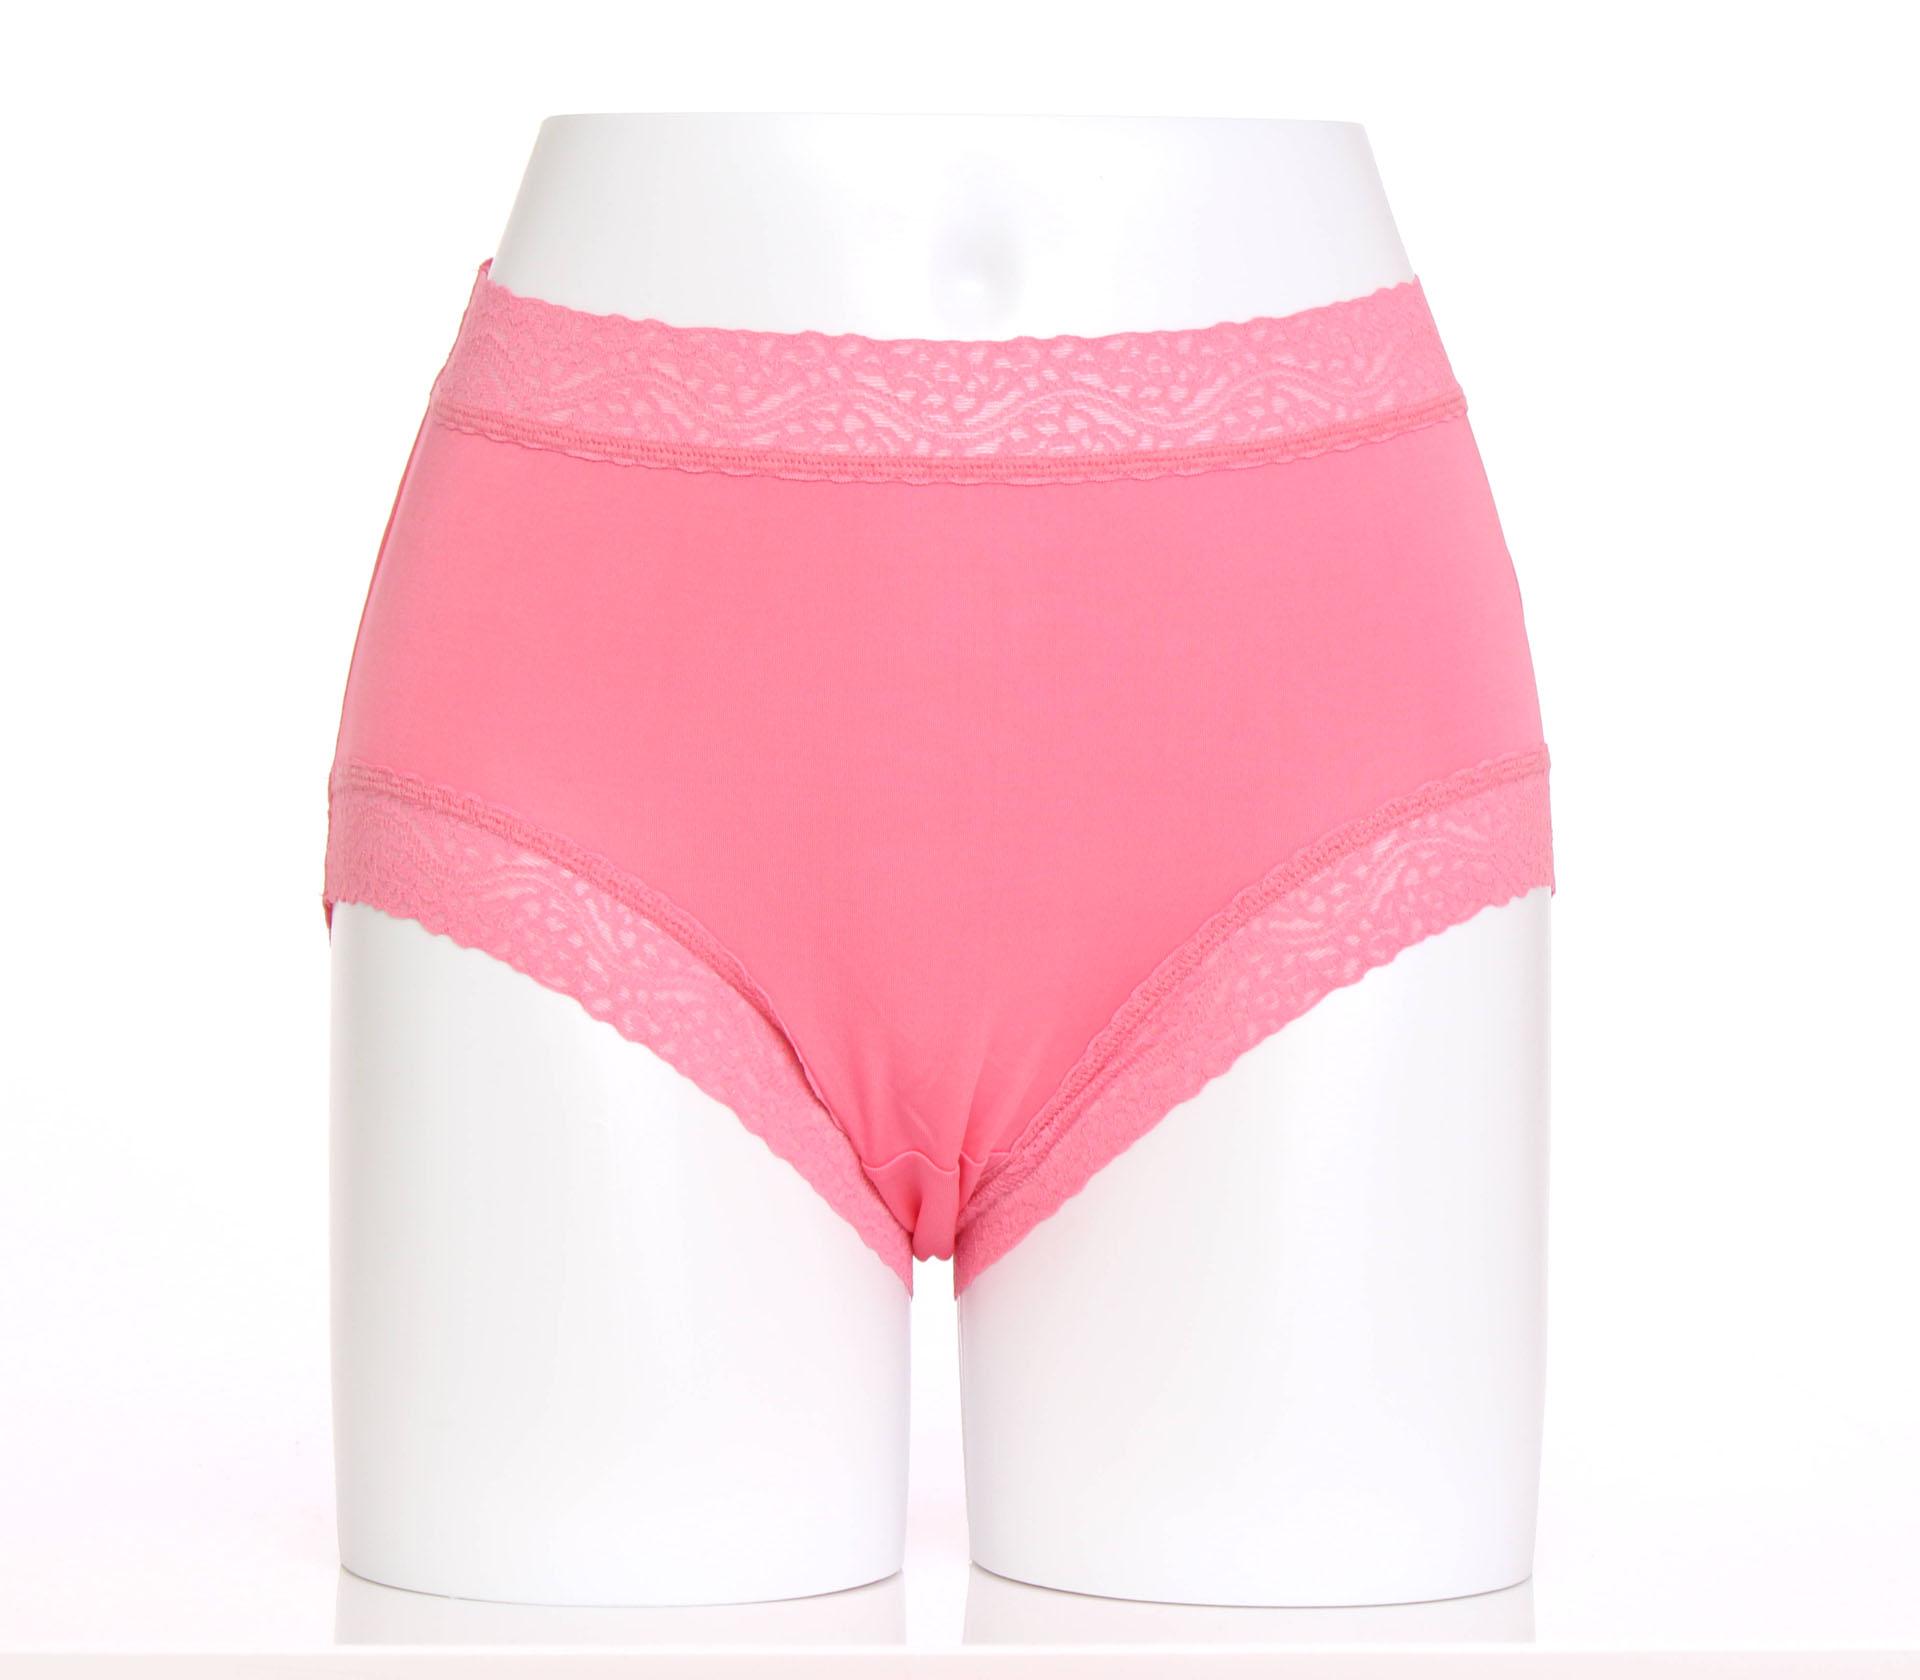 闕蘭絹簡約舒適100%蠶絲內褲-8879(粉)